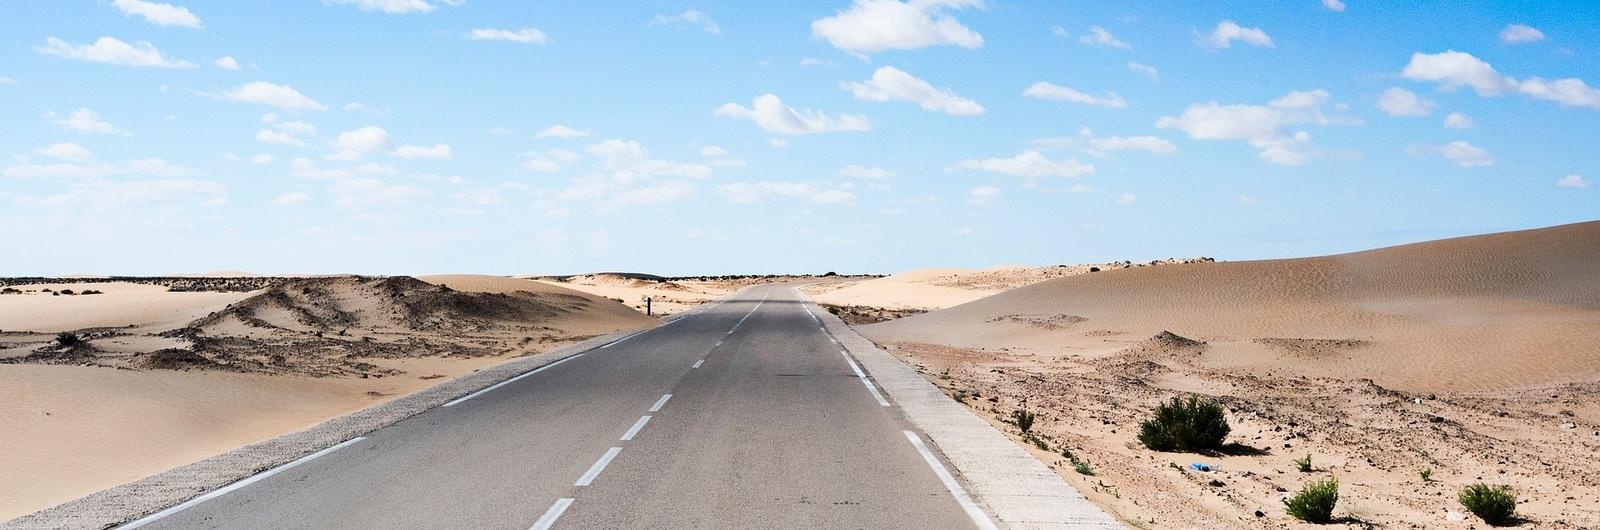 desert road header